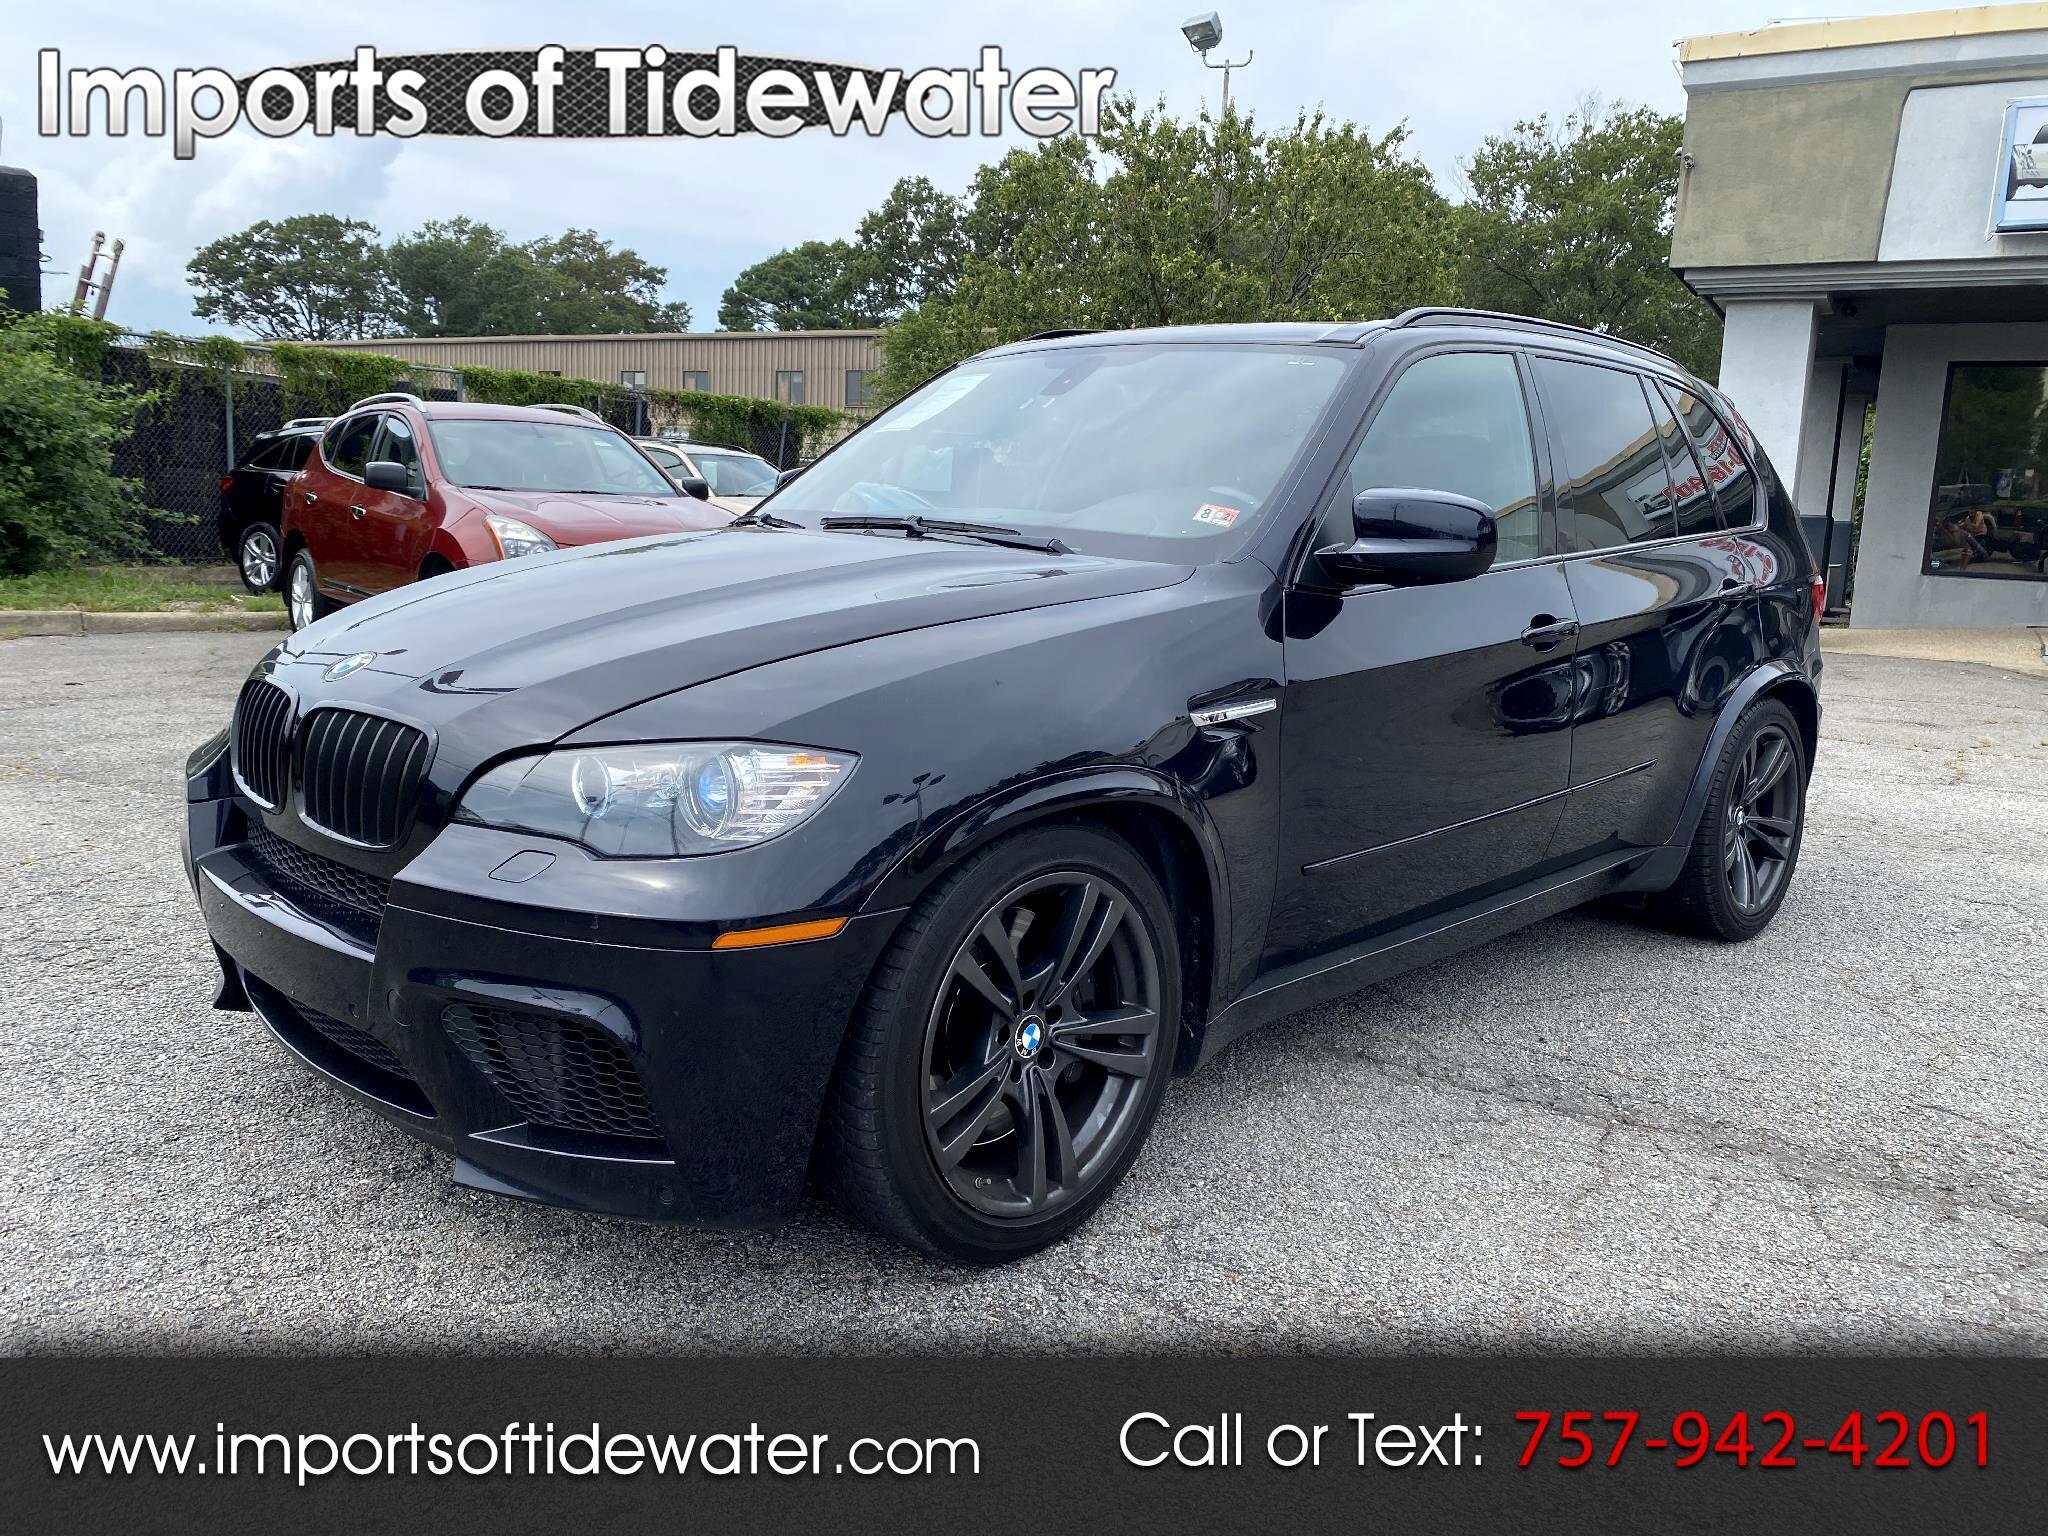 BMW X5 M AWD 4dr 2010